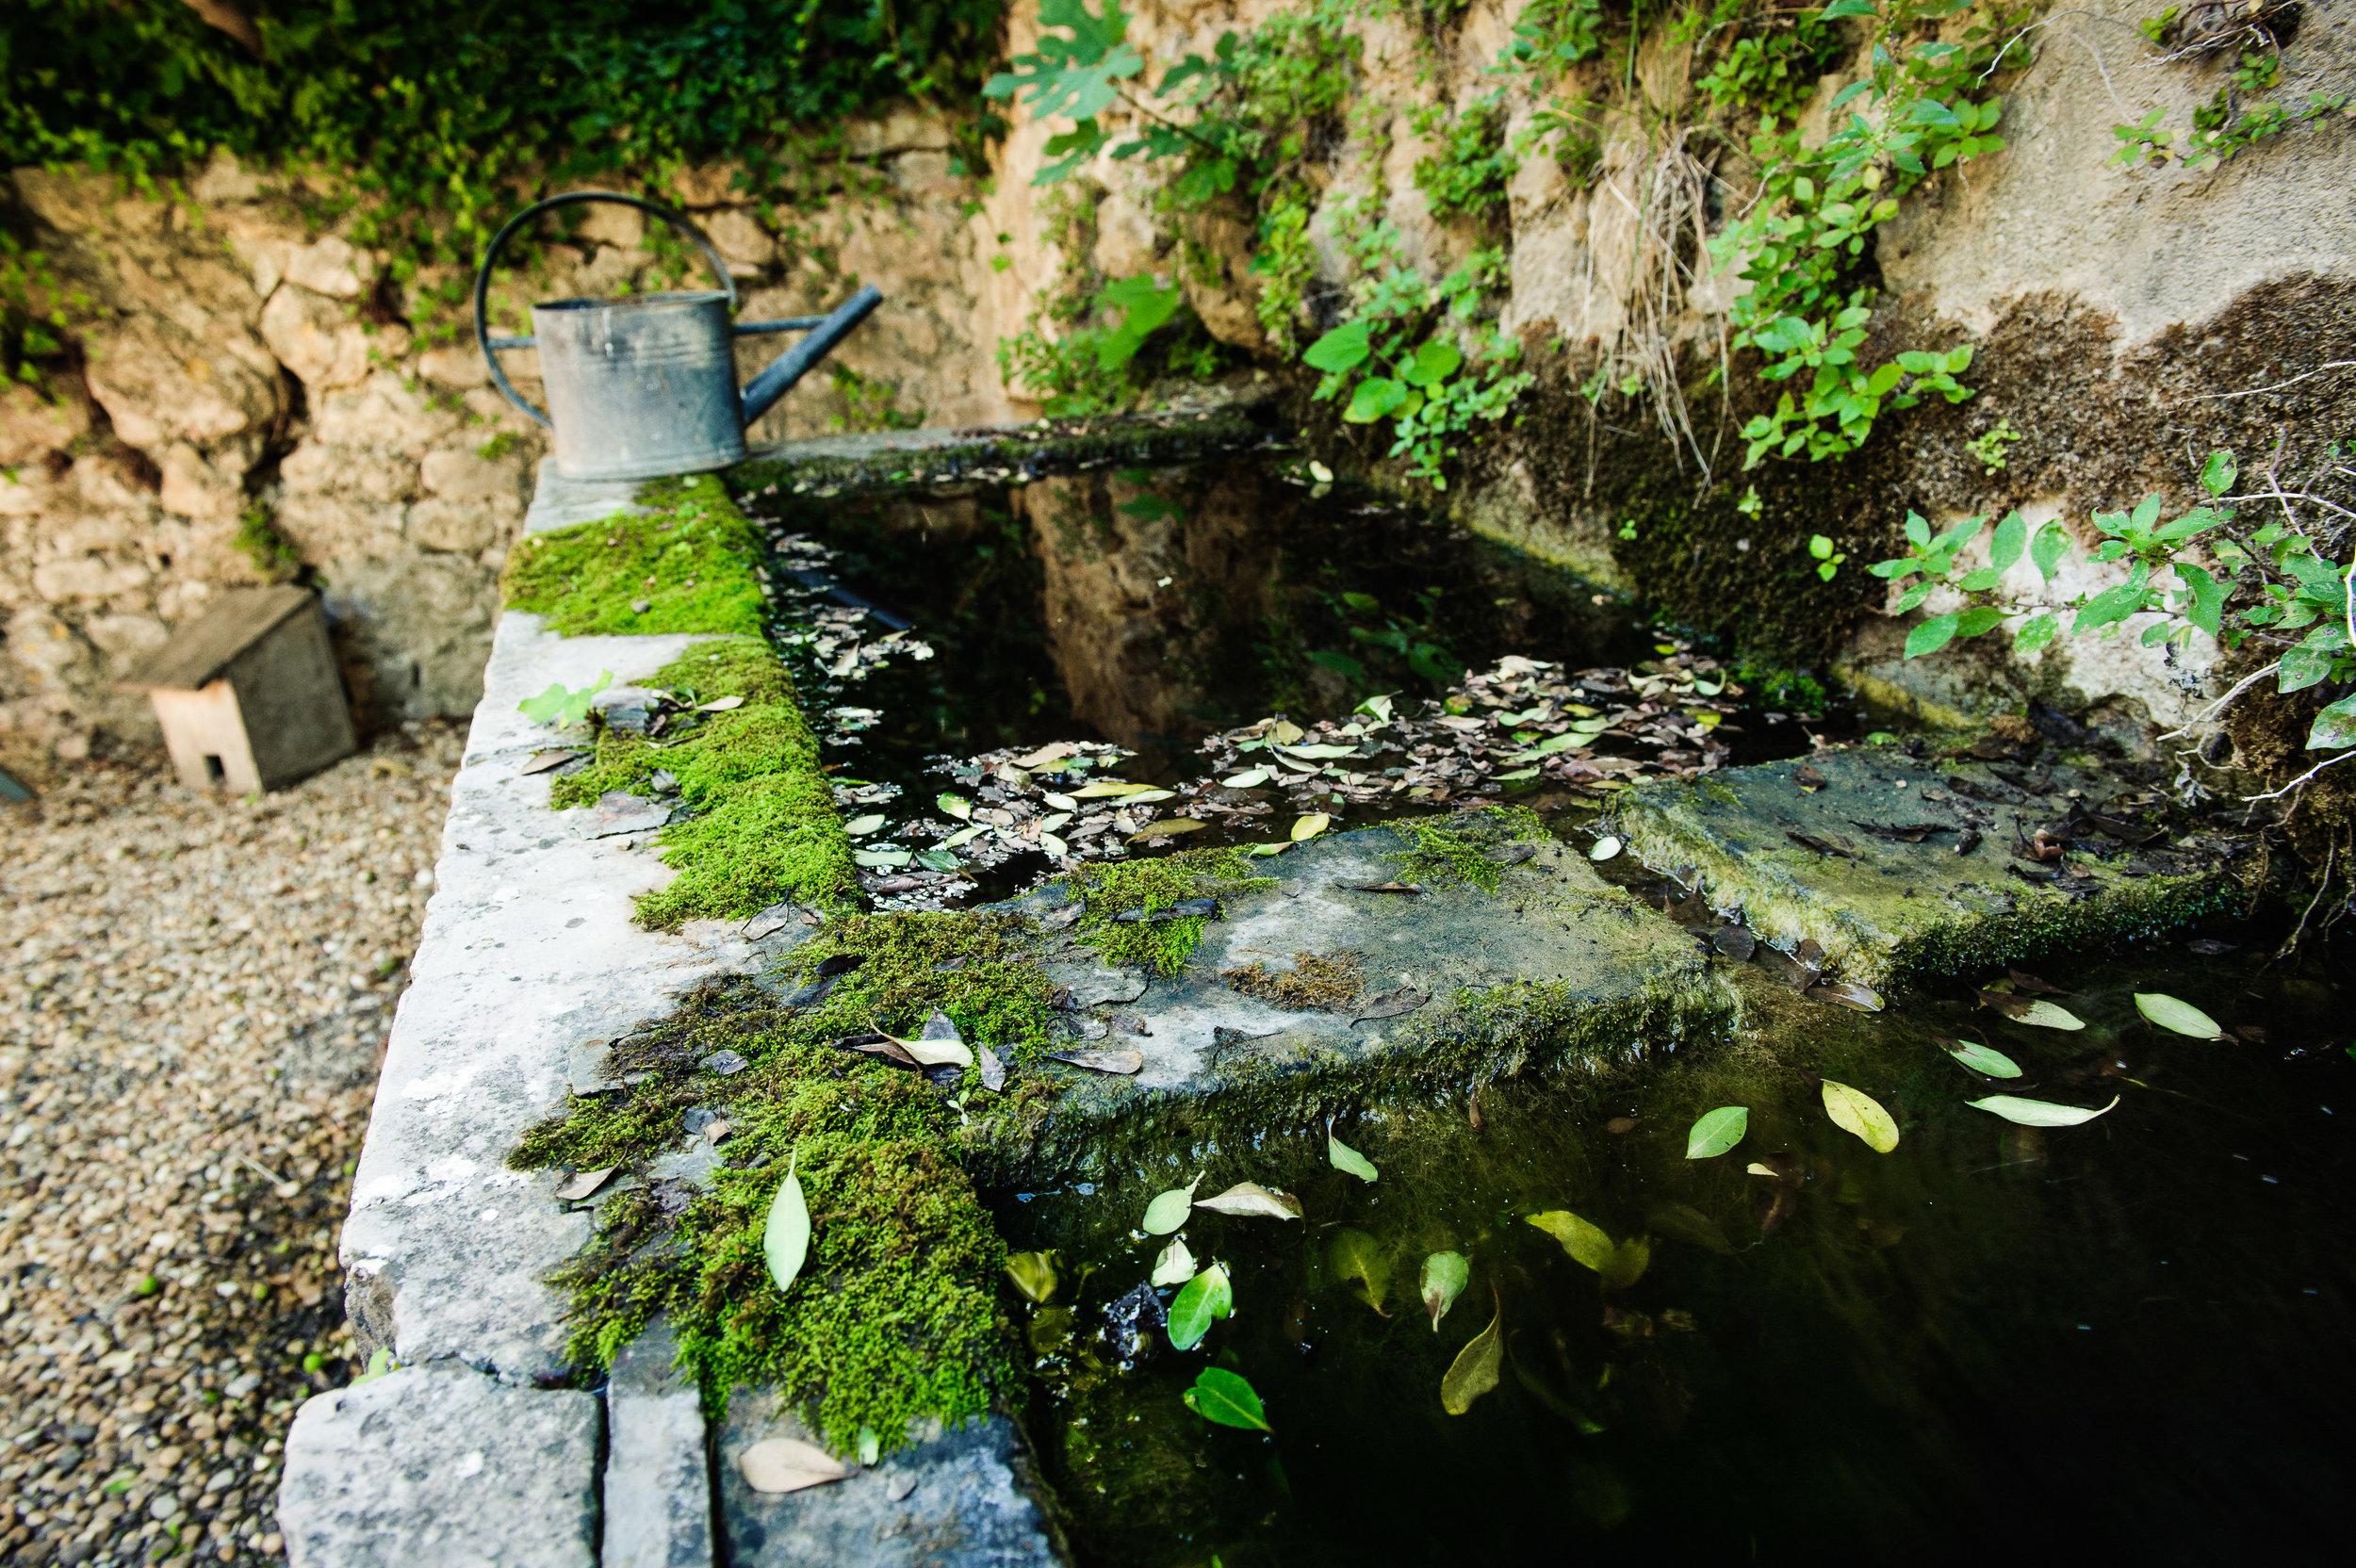 jardinjardin_ONE2083.jpg